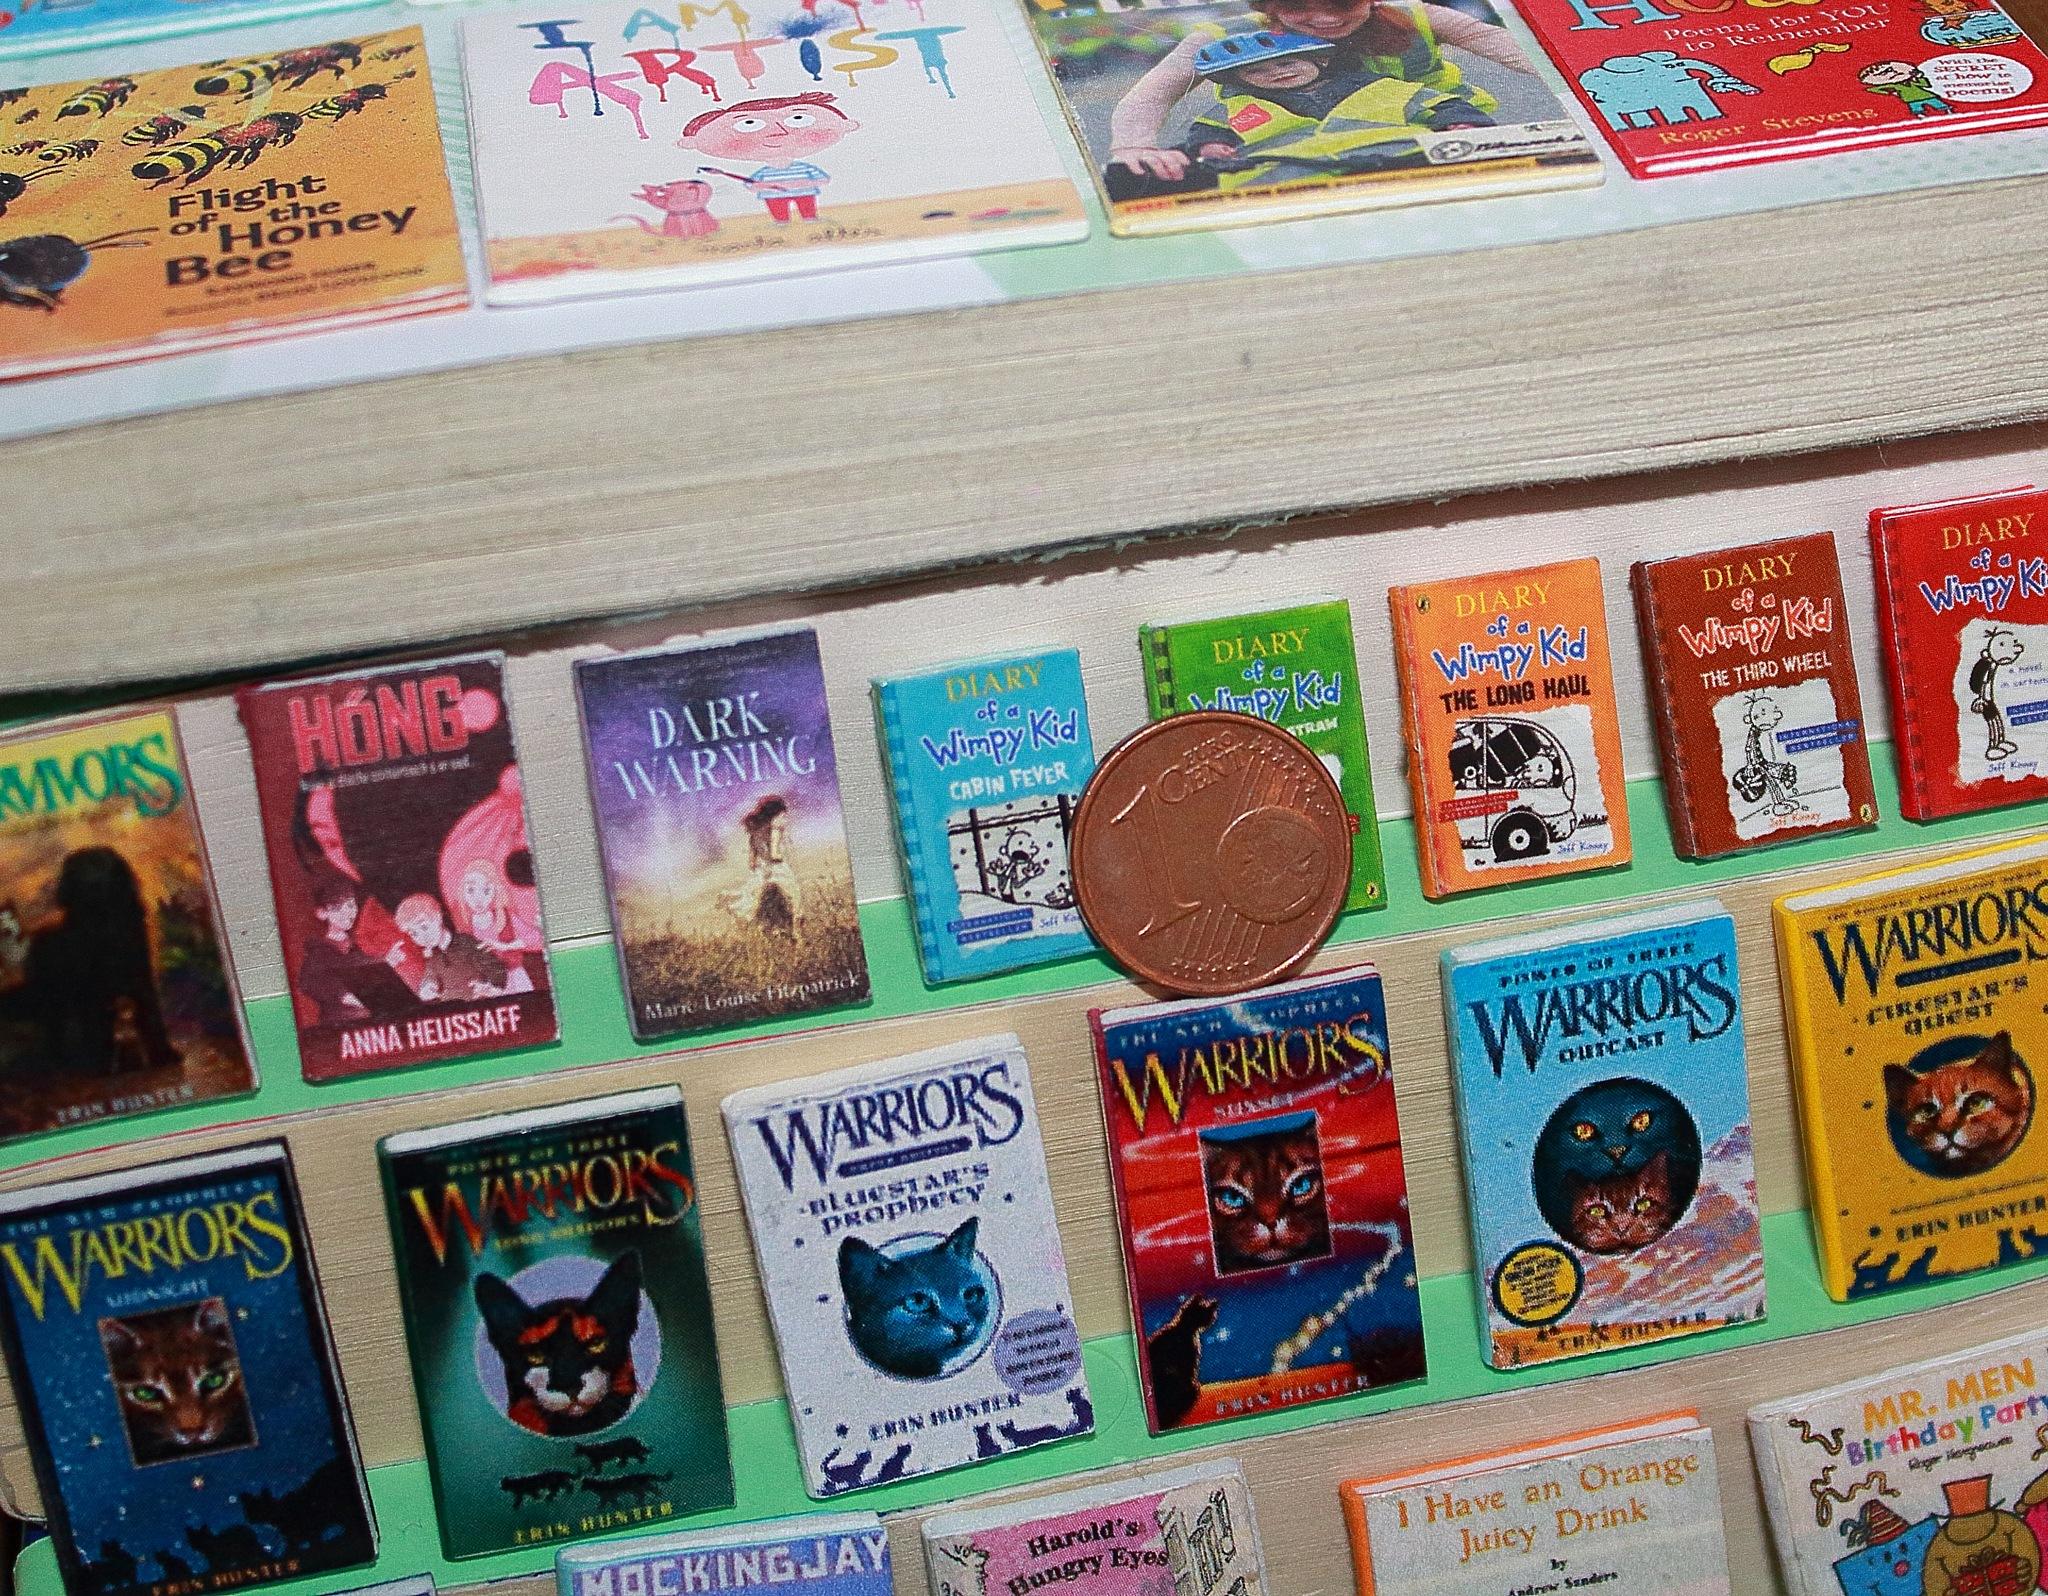 handmade books starting from one cent size by Loreta Tavoraite